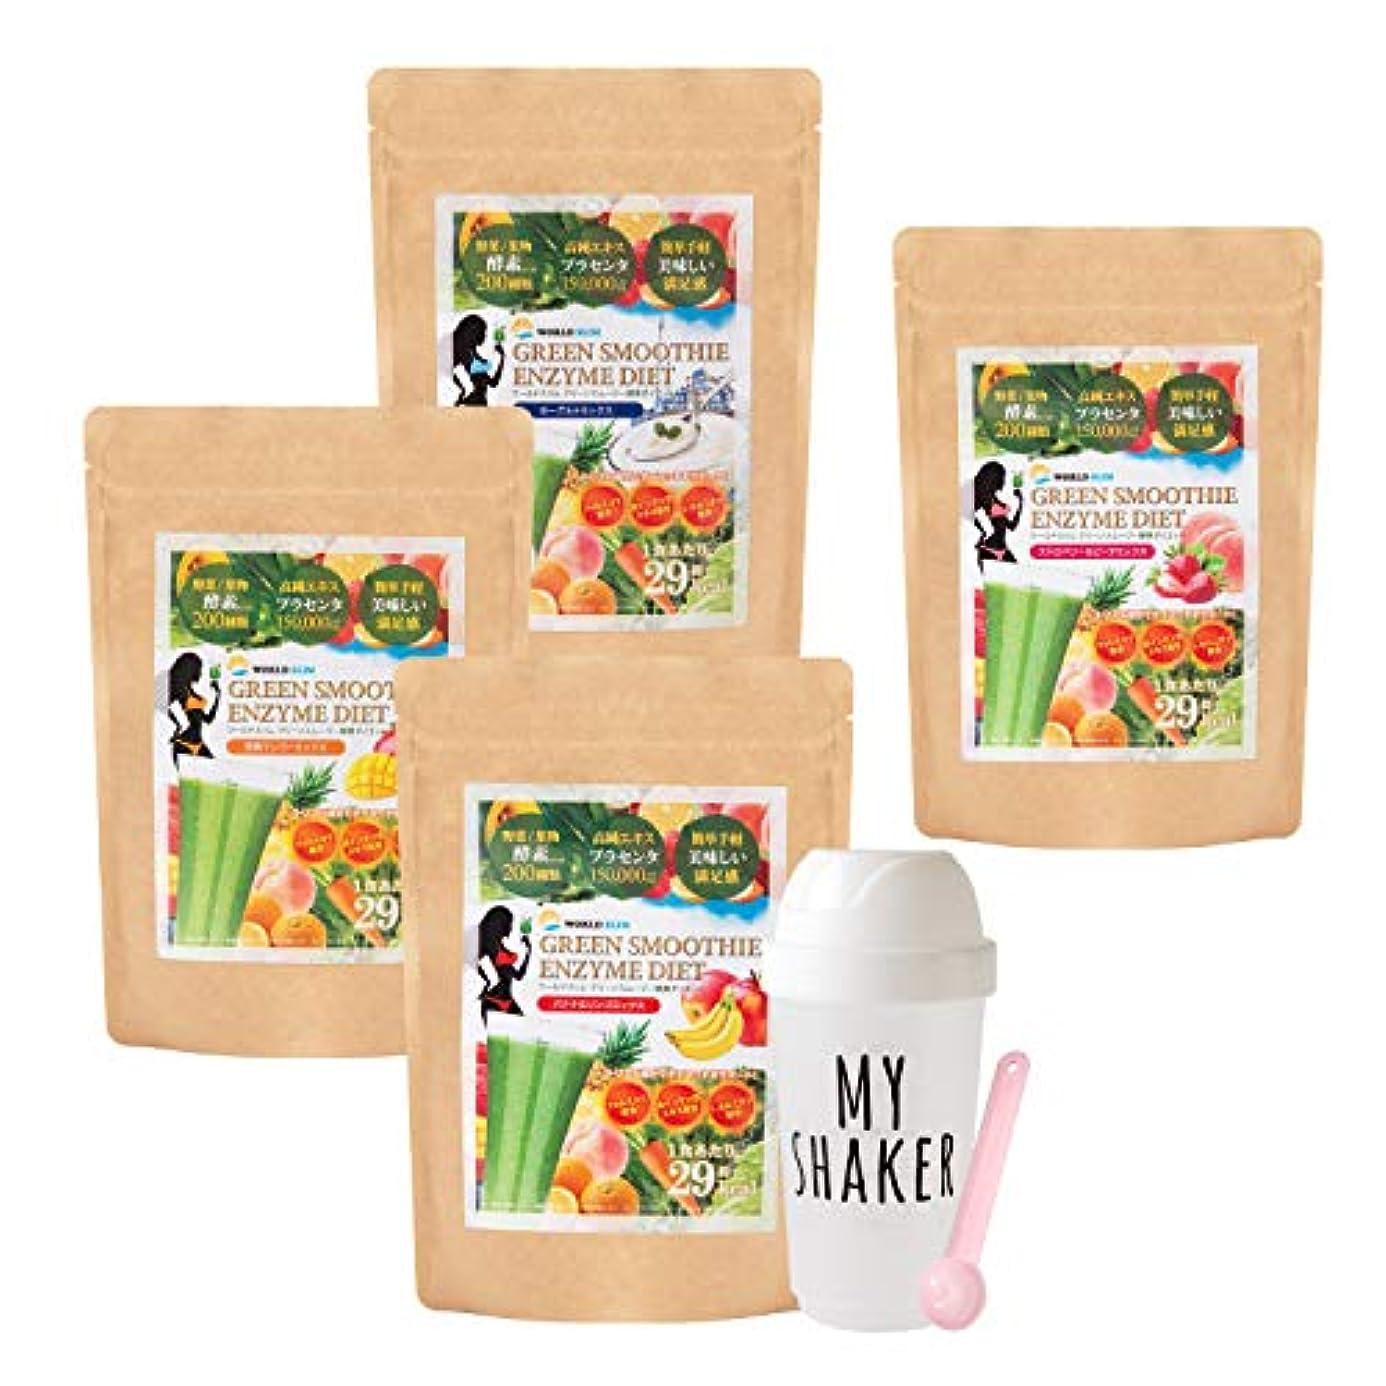 【選べるグリーンスムージー3個セット】ワールドスリムグリーンスムージー酵素ダイエット3袋セット World Slim Green Smoothie Enzyme Diet (E.バナナ/ヨーグルト/マンゴー, グリーンスムージー...